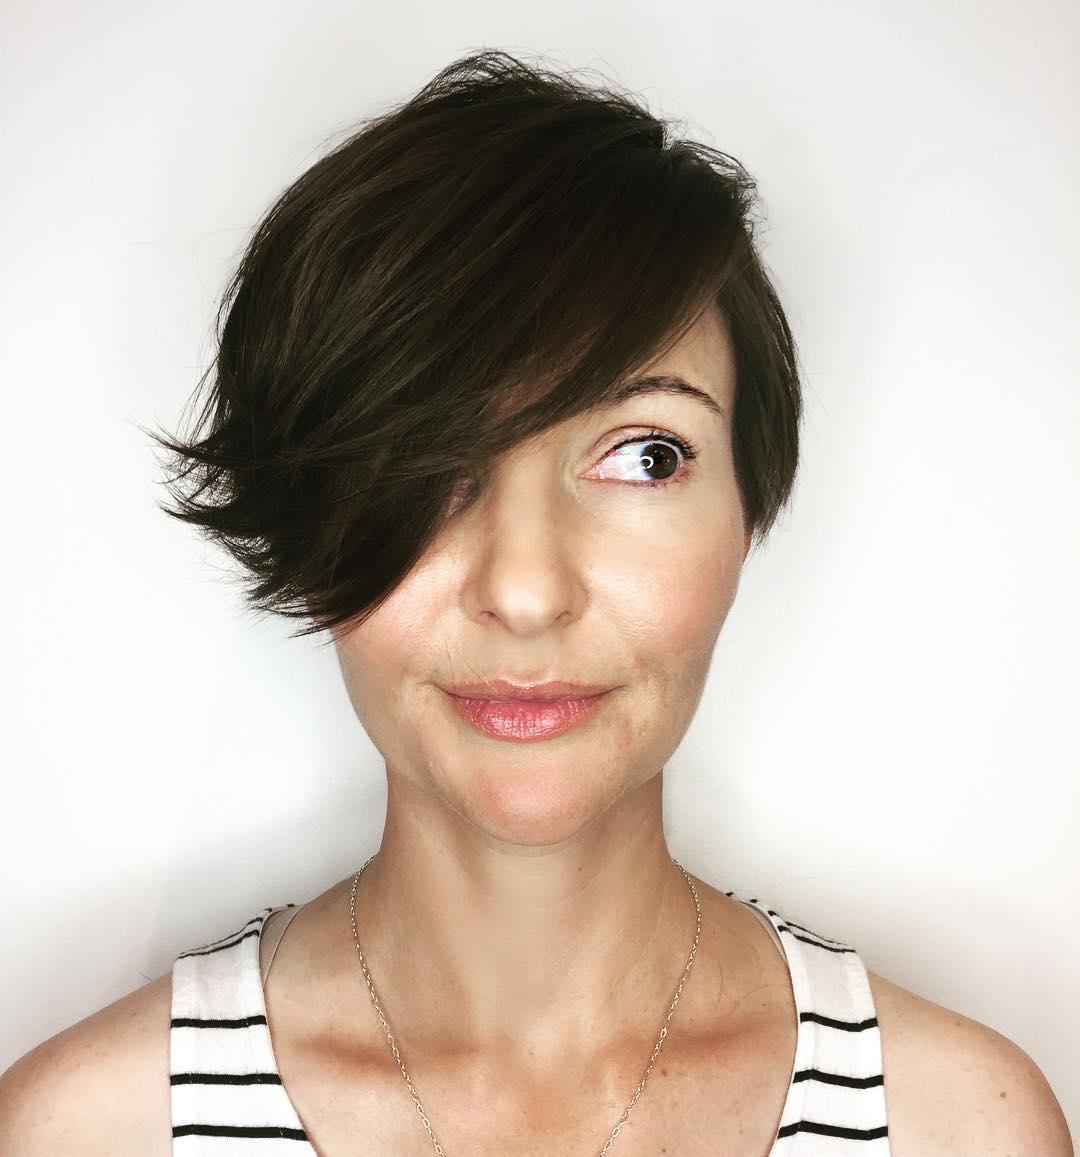 стрижки для женщин после 50 лет на разную длину волос фото 5